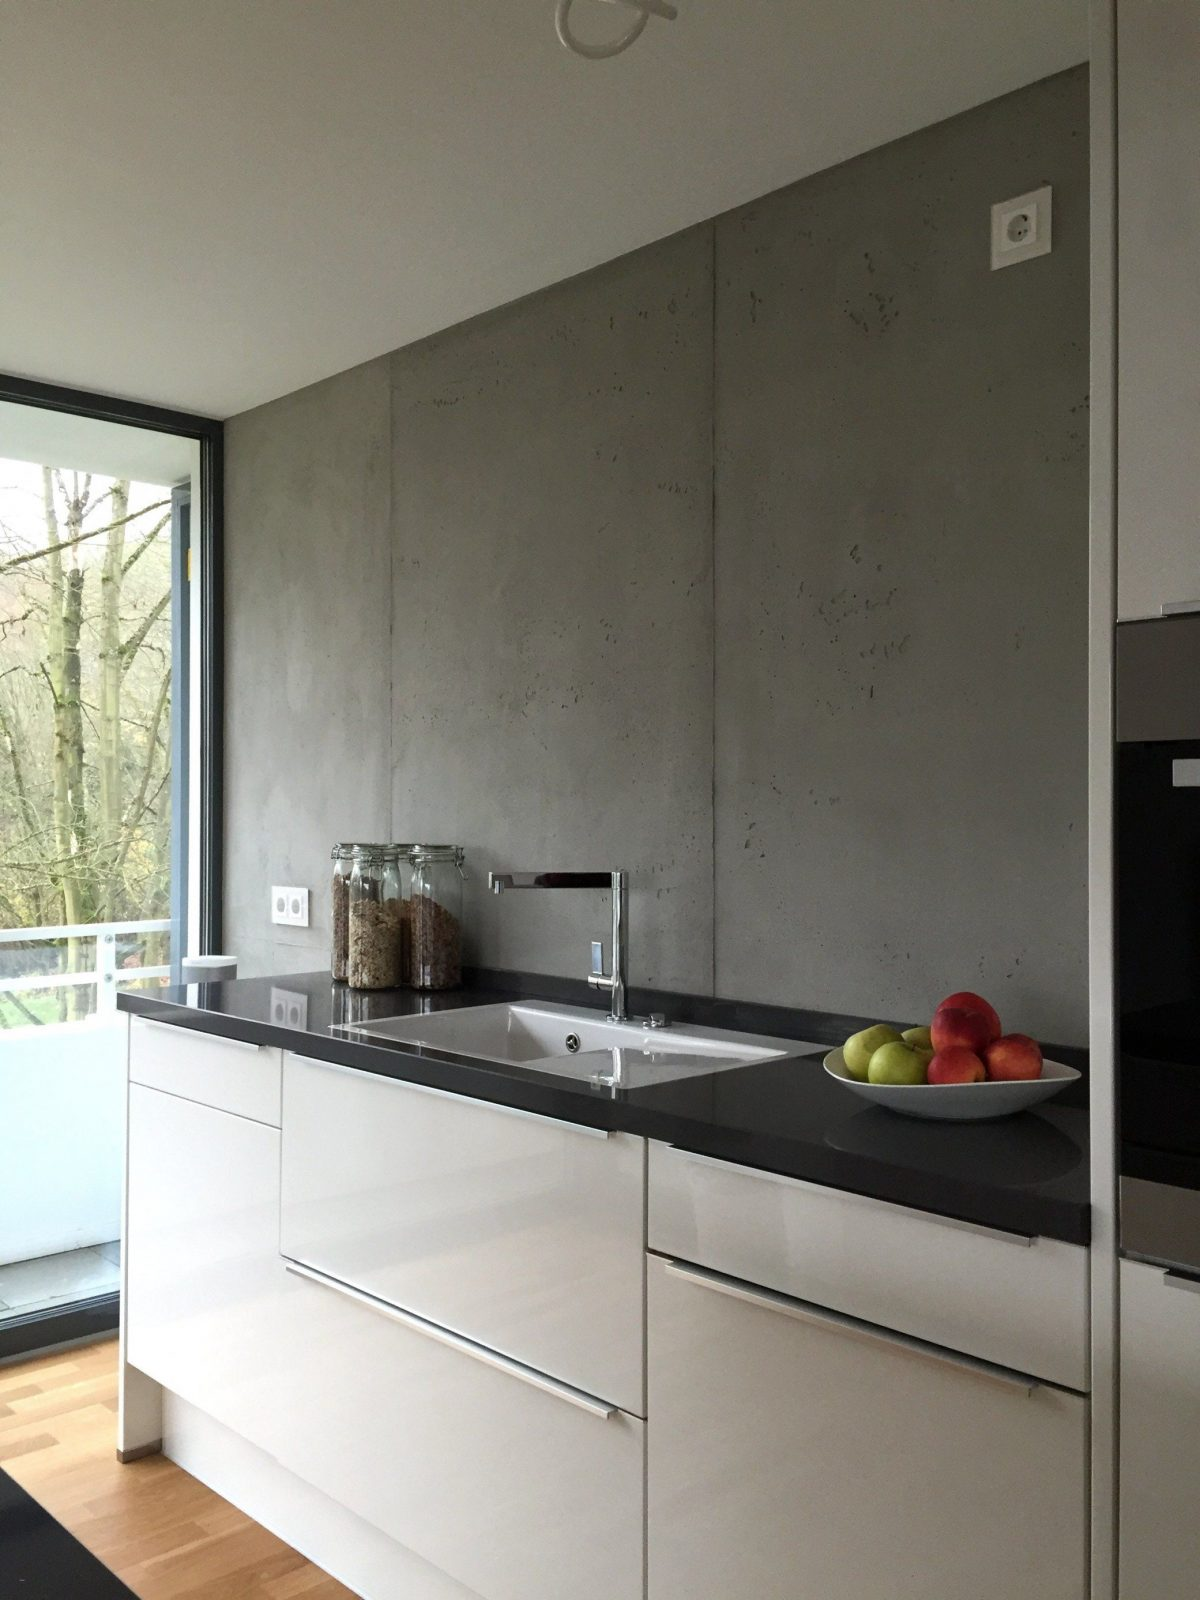 Abwaschbare Farbe Statt Fliesen Küche | Elefantenhaut Wände Und ...